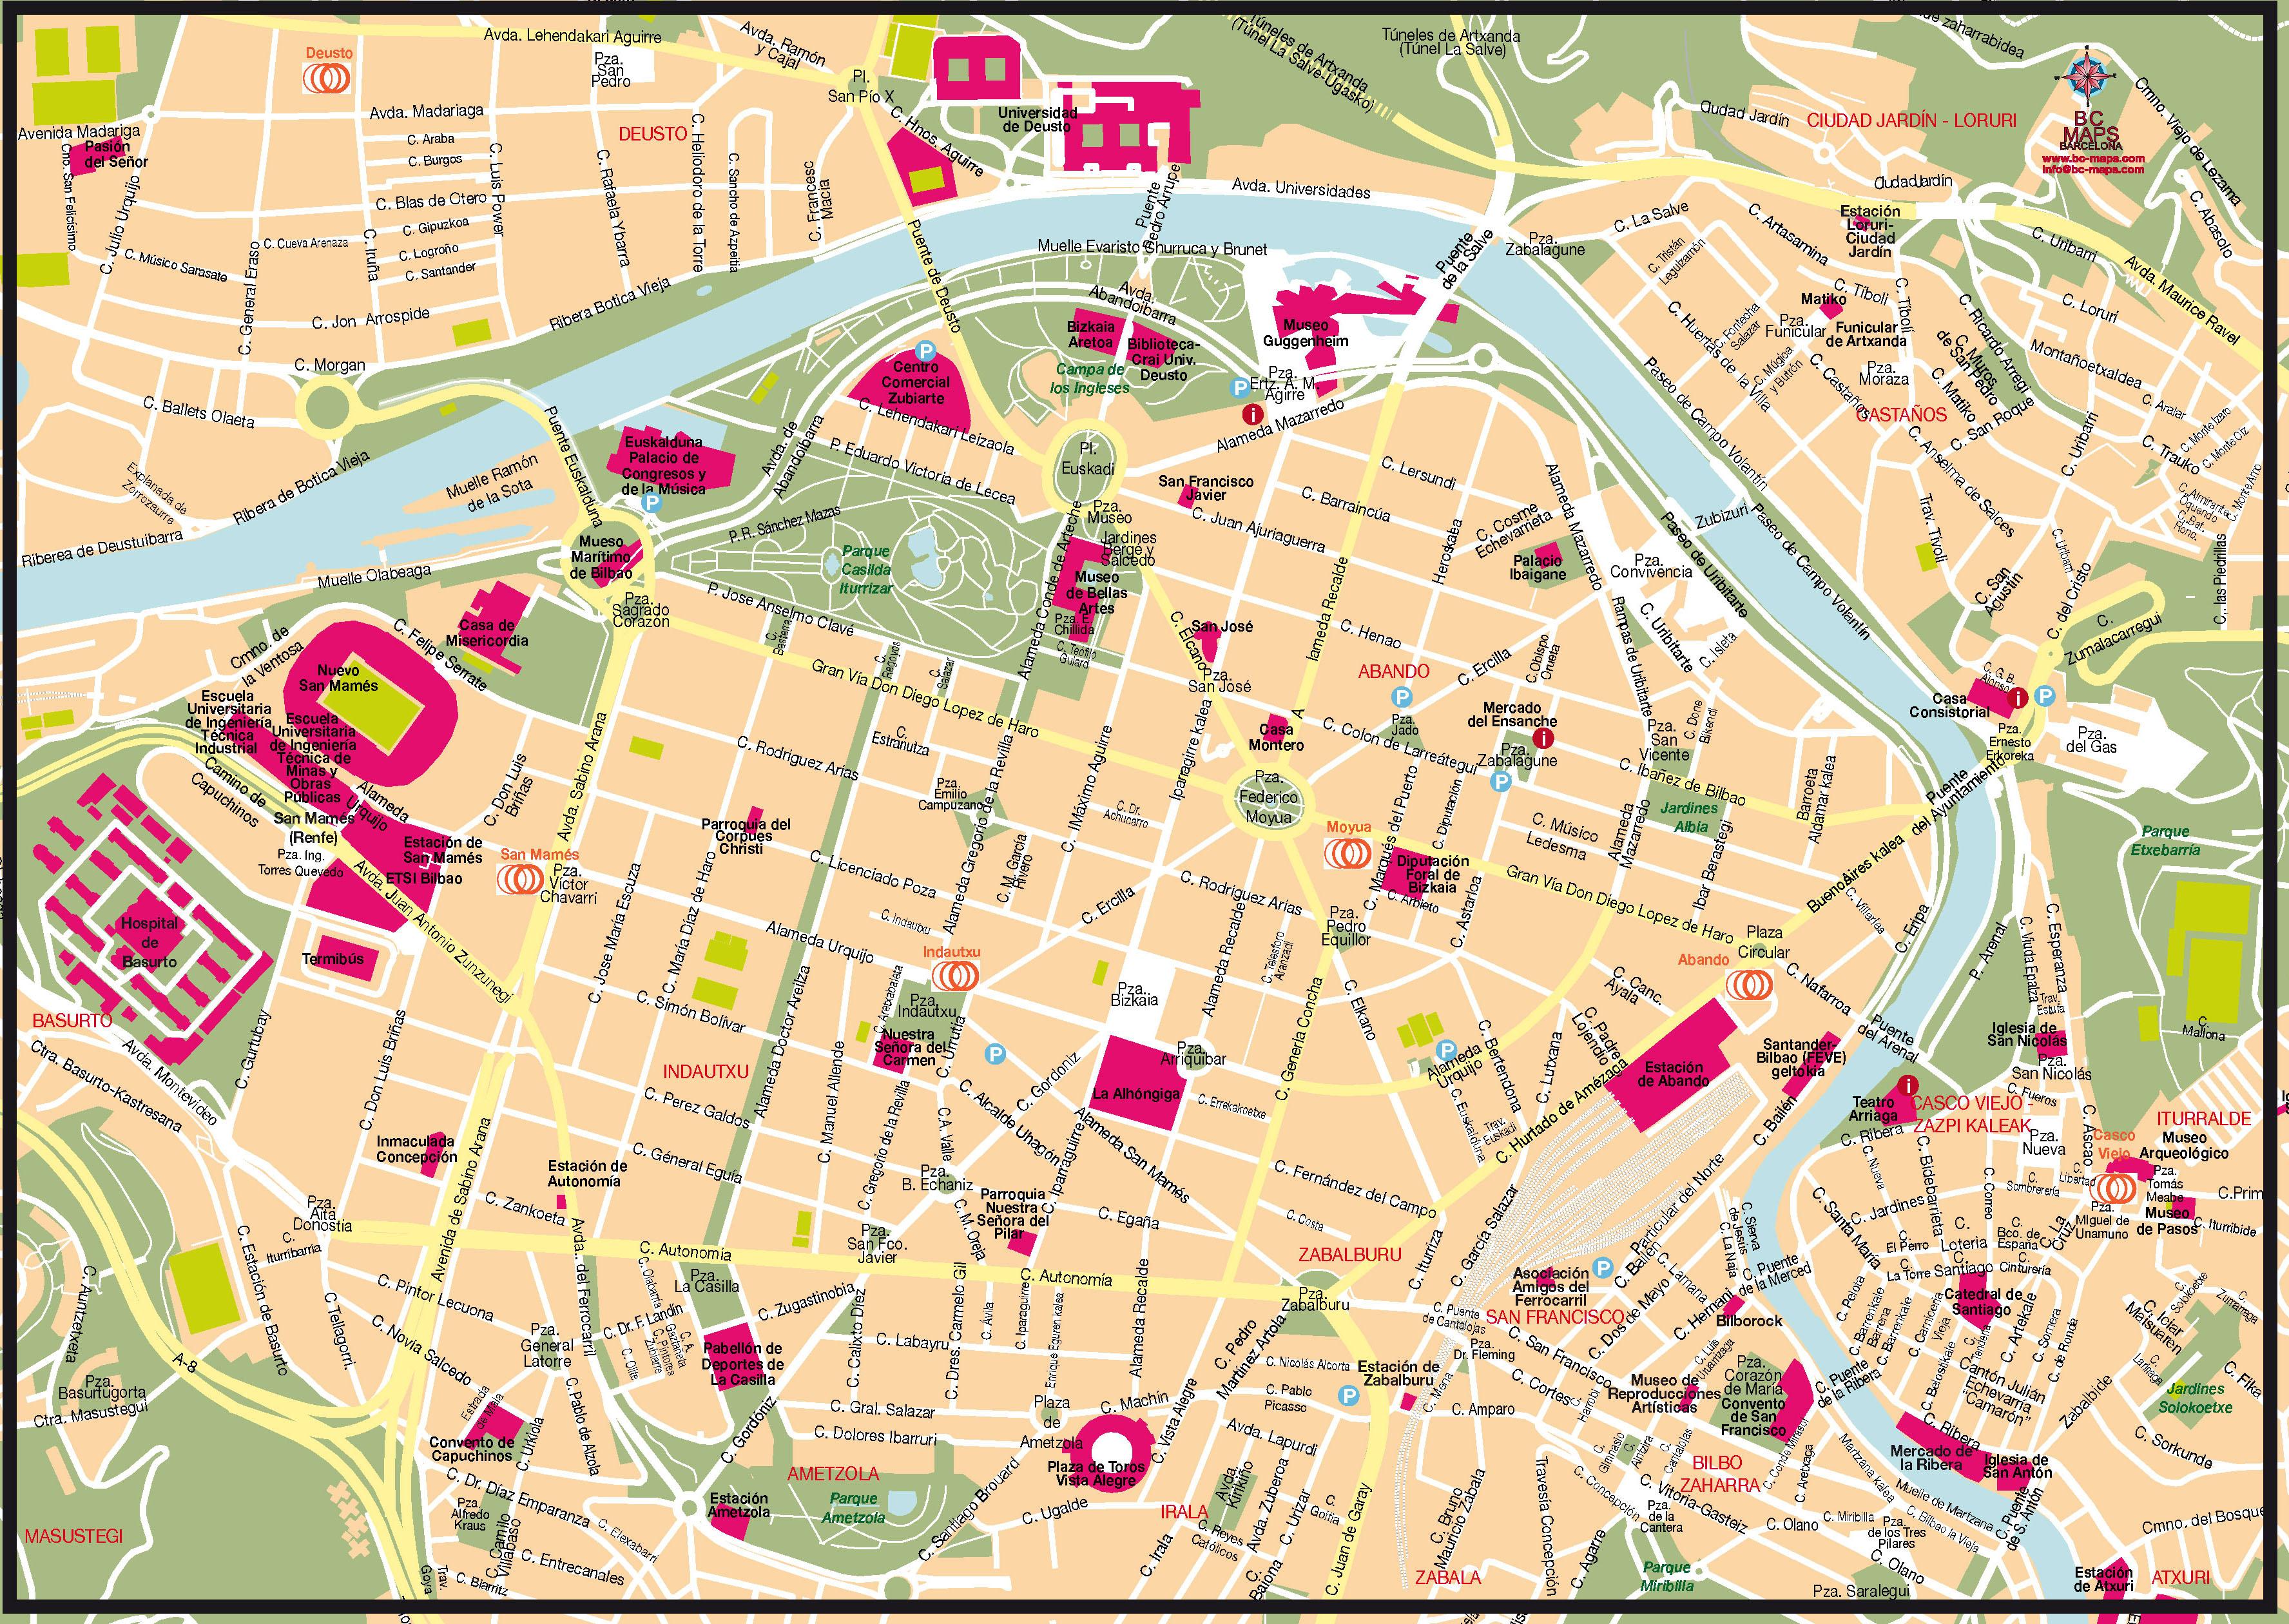 Bilbao Fond de Carte illustrator